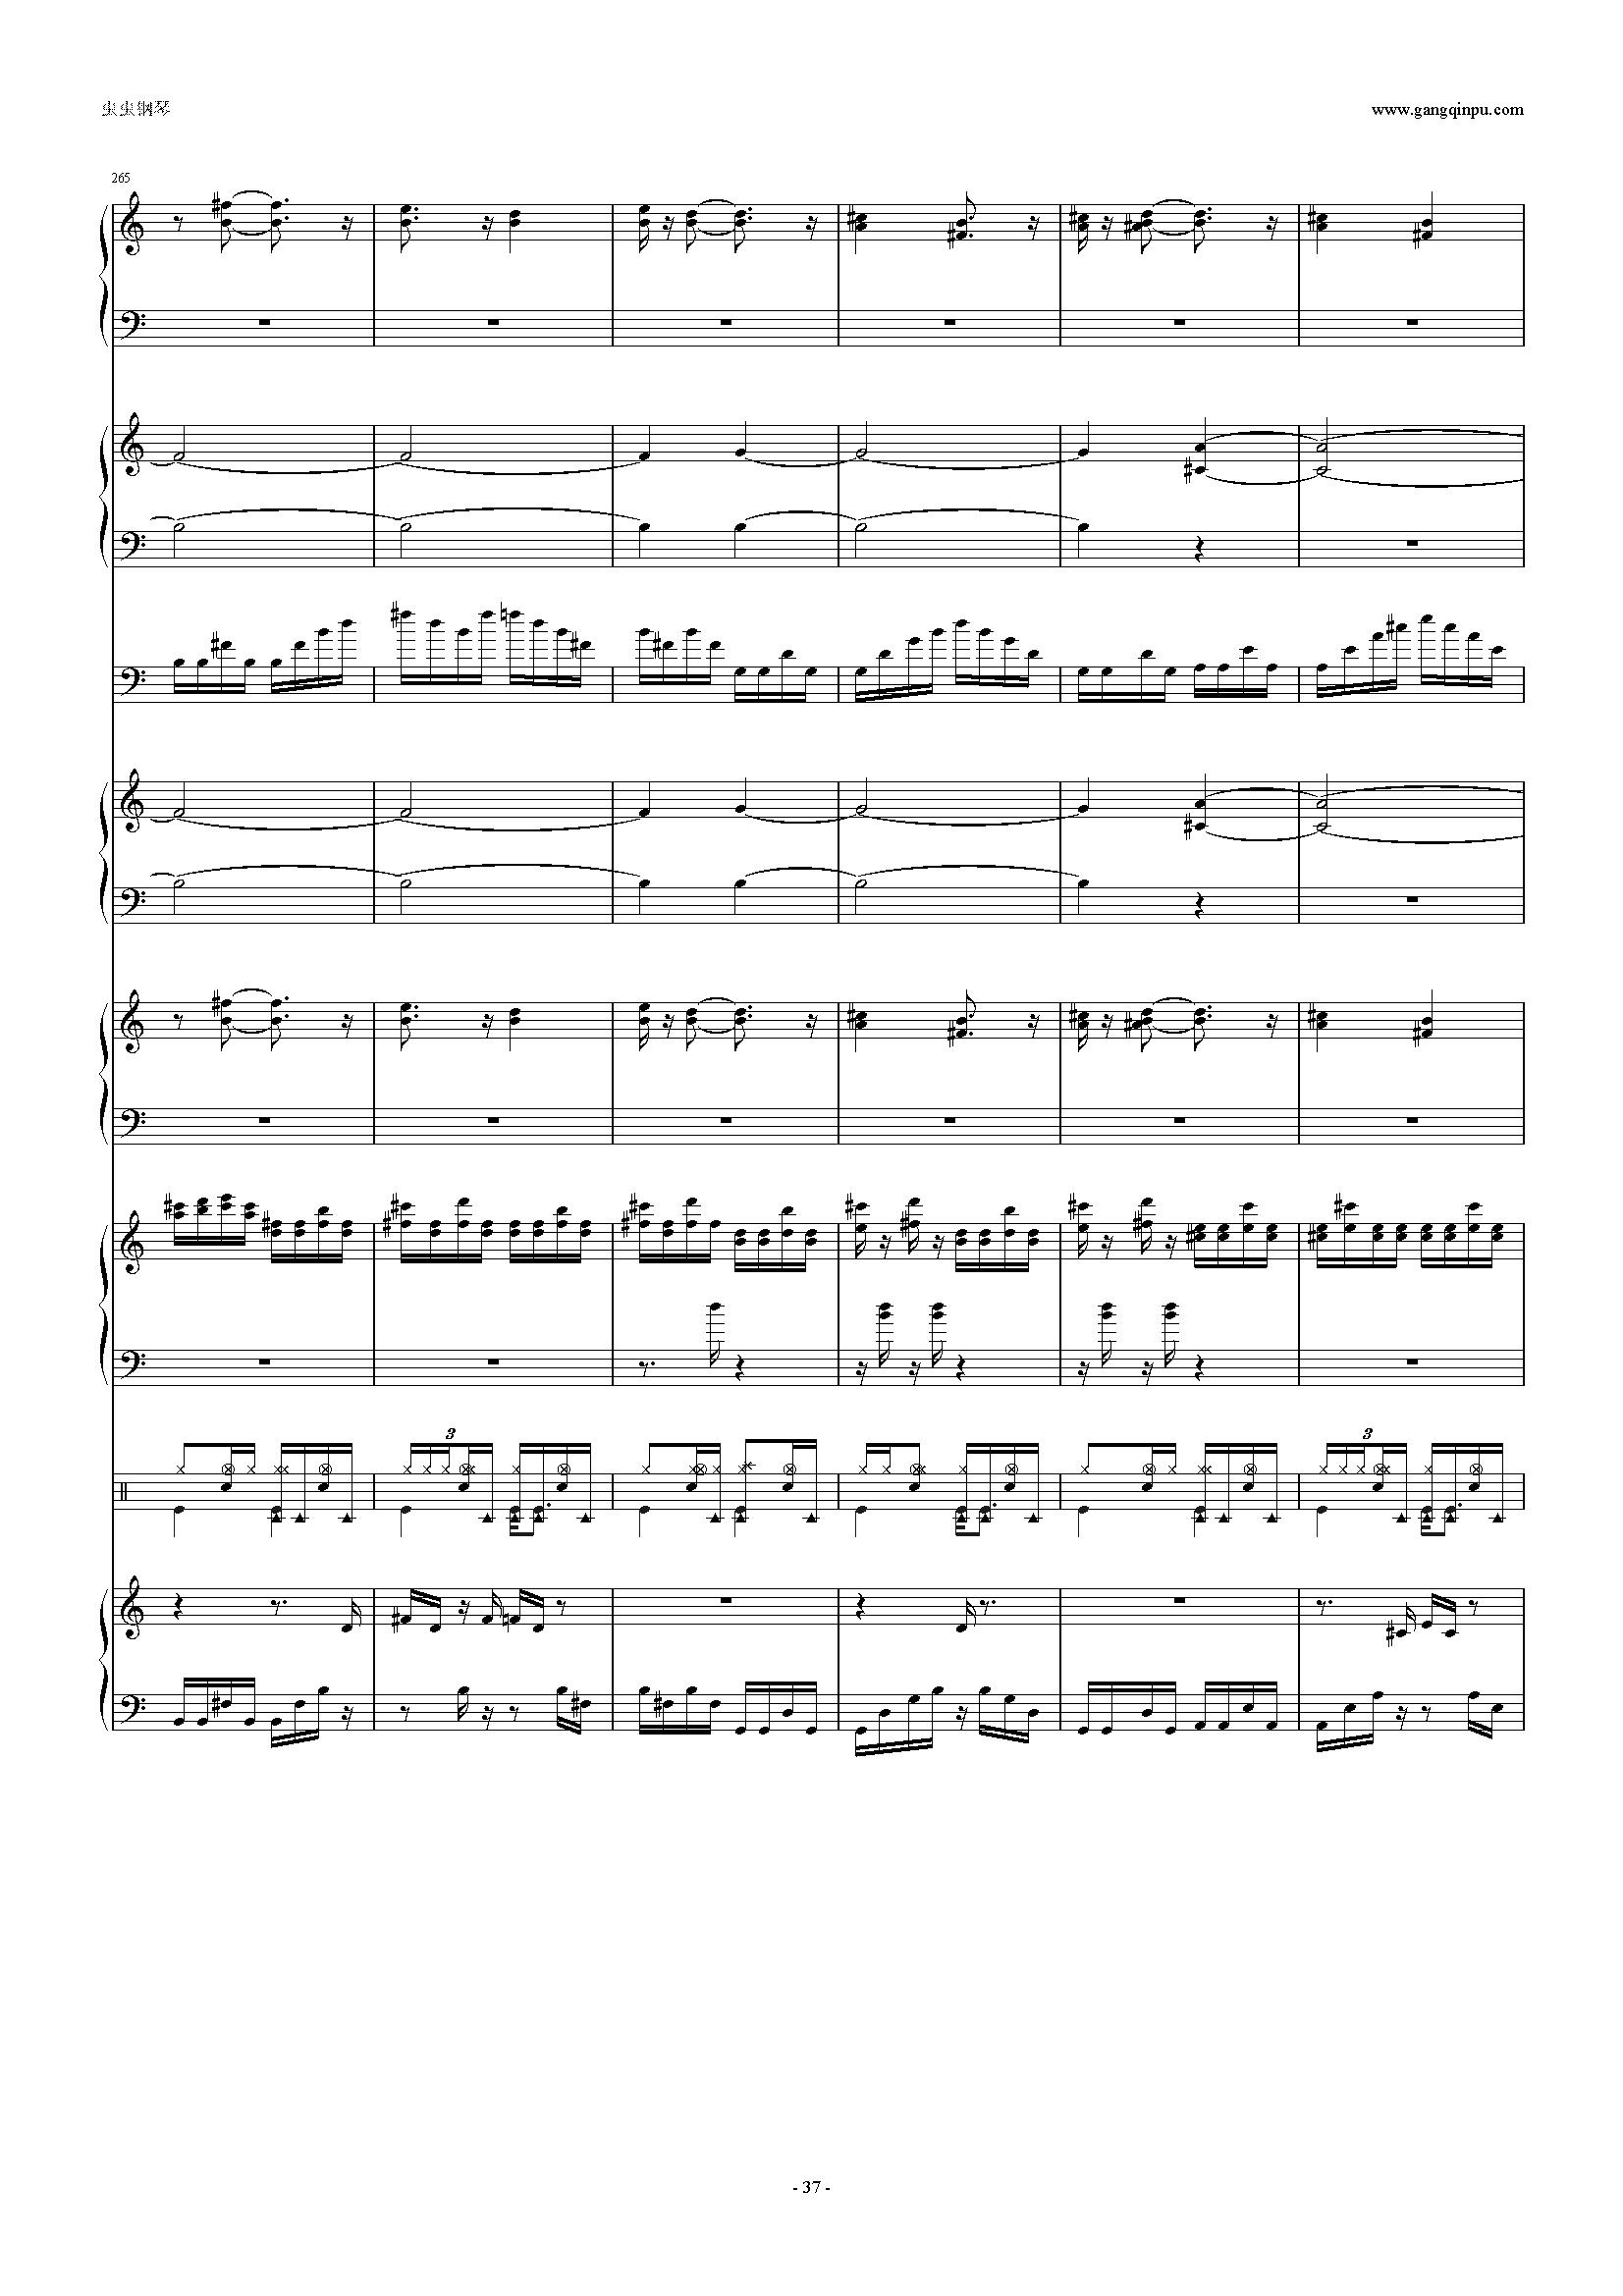 少女幻葬钢琴谱 第37页